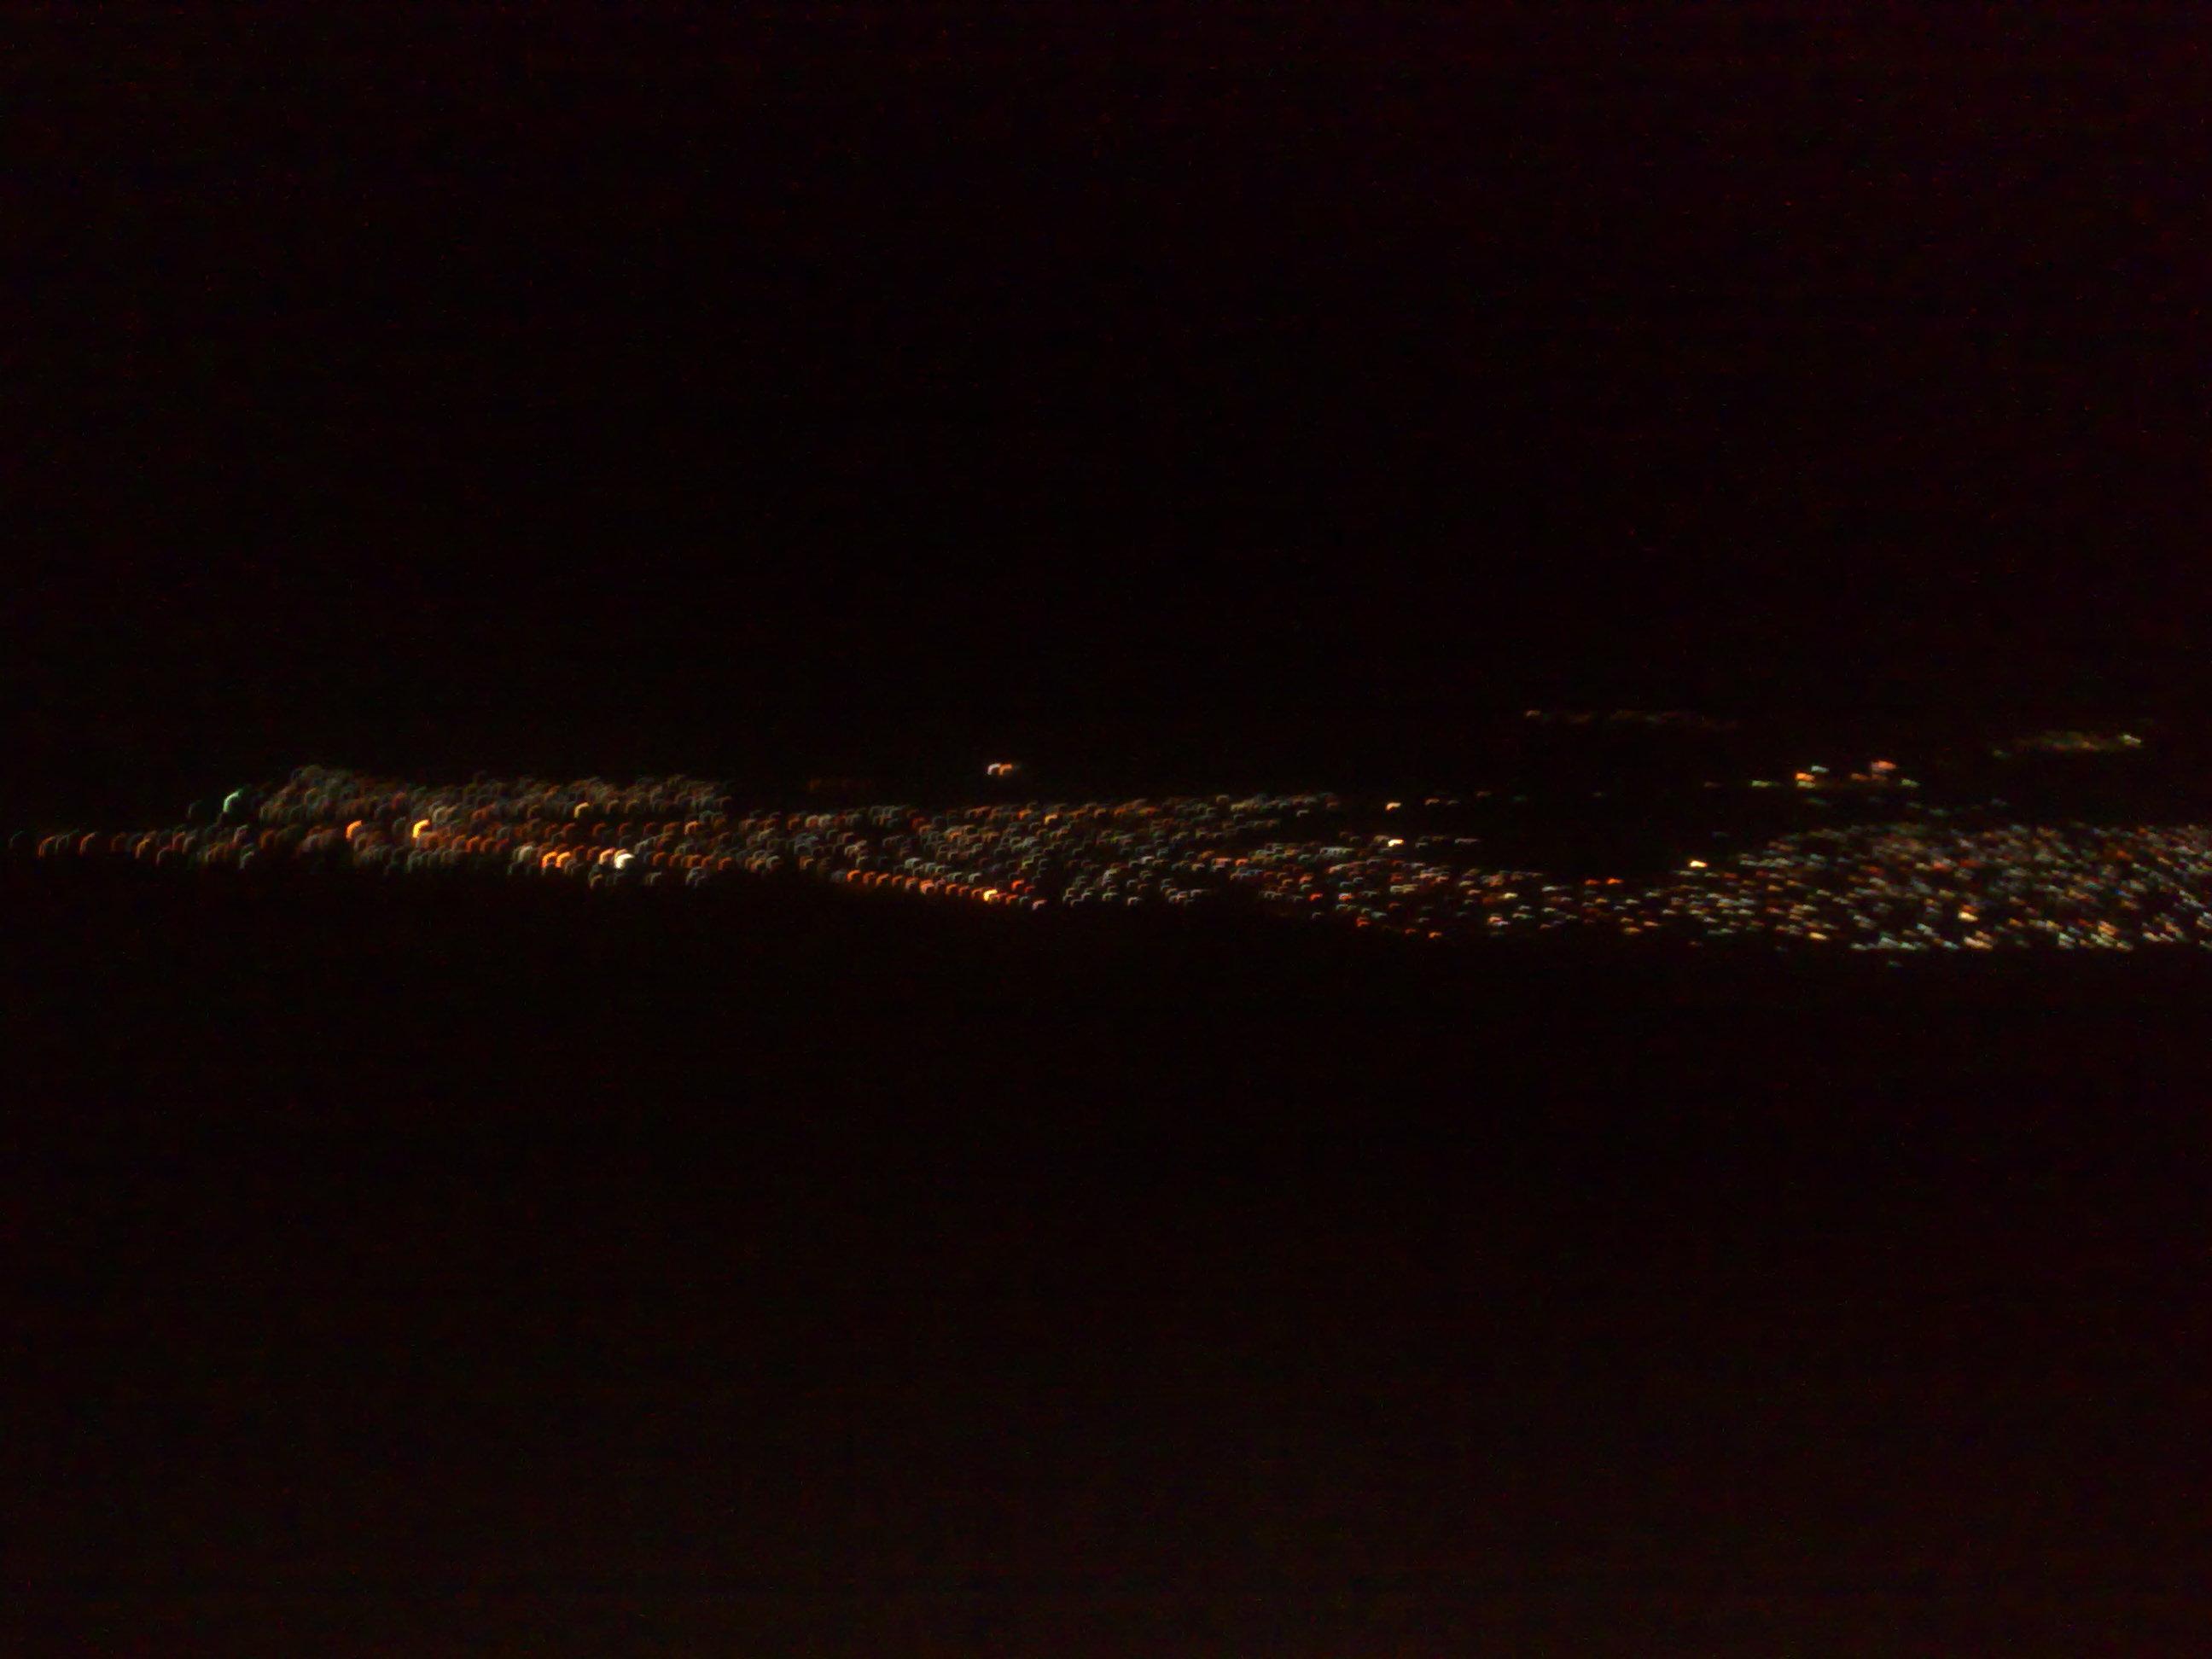 نمایی از شهر از بلندای کوه